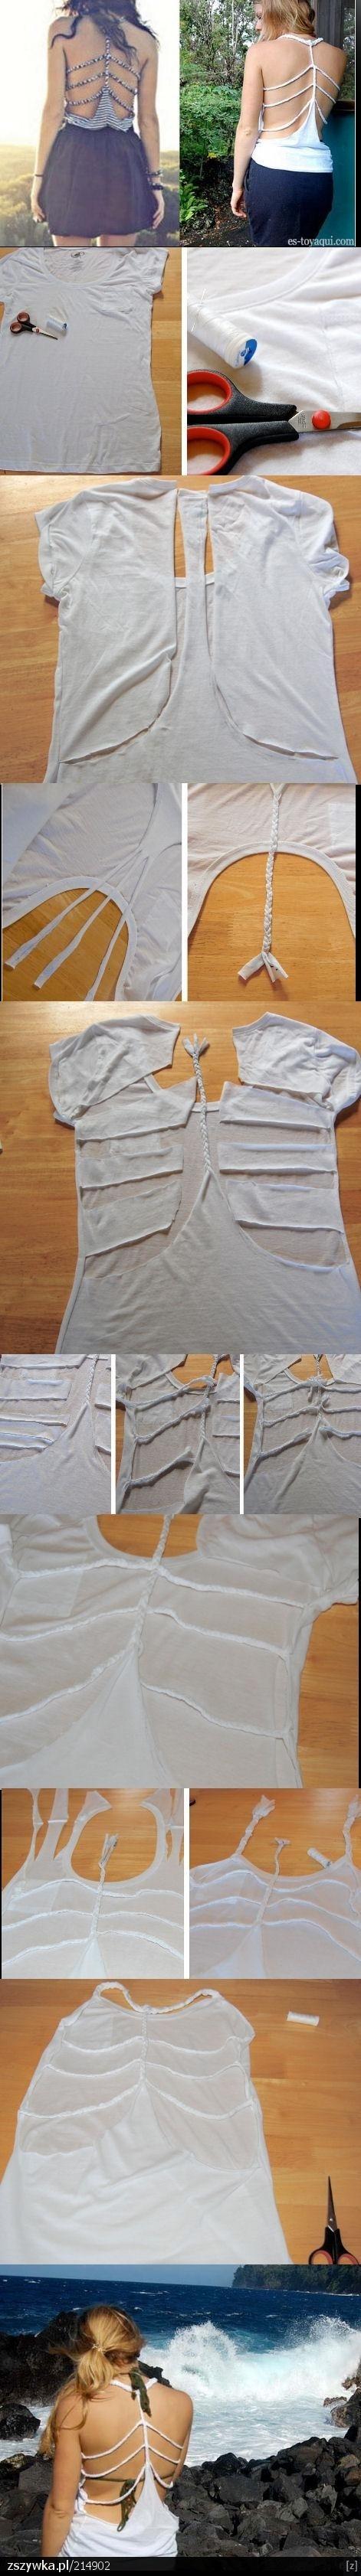 camiseta-verano-3